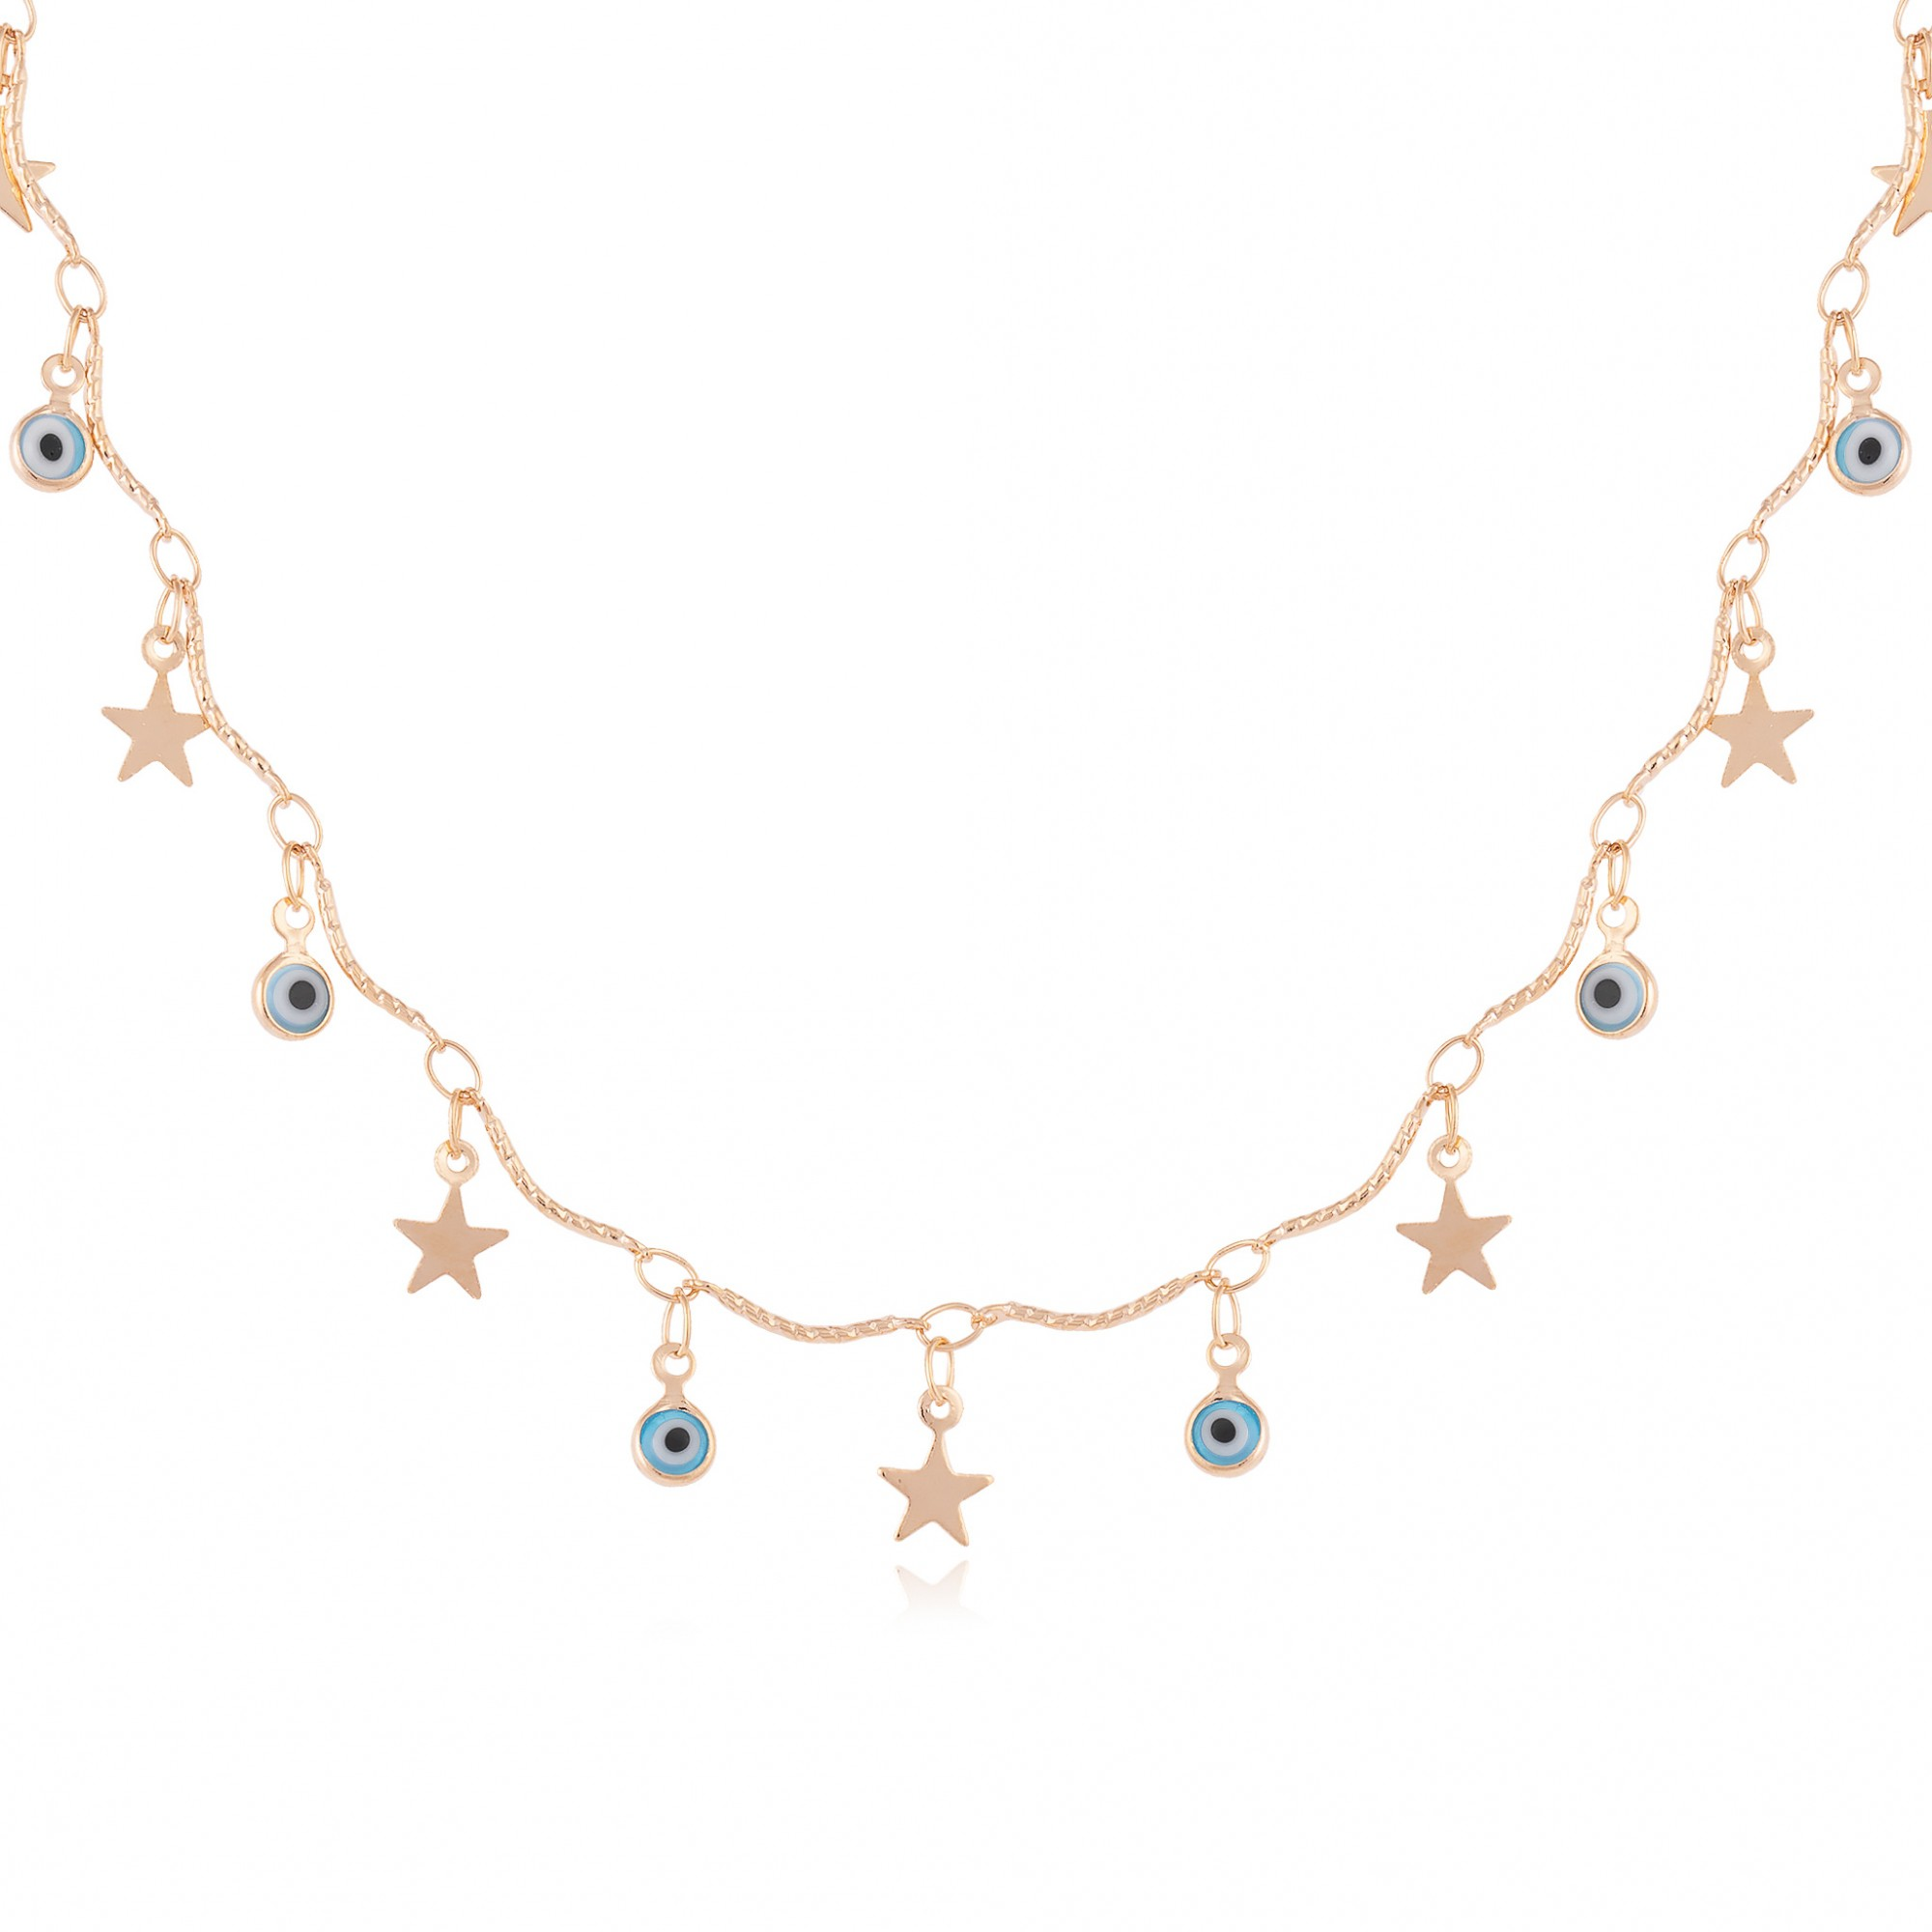 Colar olho grego e estrelas banhado a ouro 18k.  - bfdecor.com.br